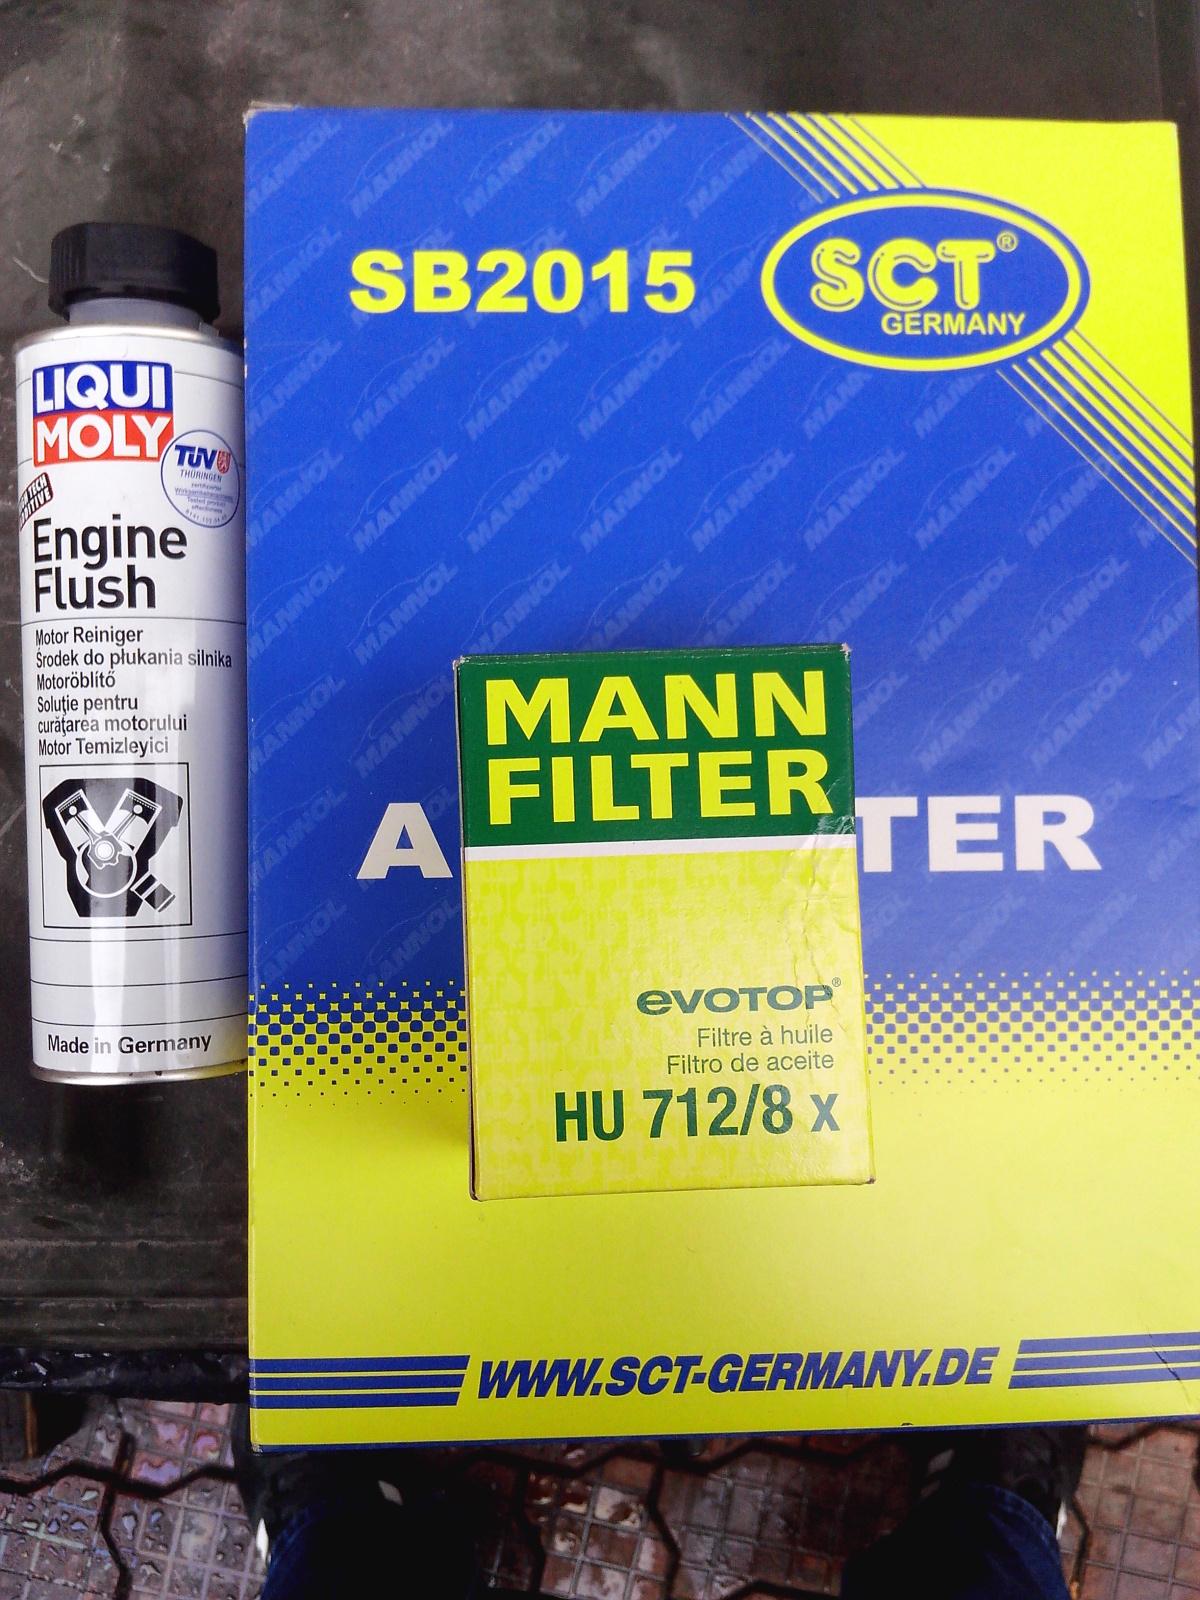 Tutorial engine flush si schimbare de filtru+ulei de motor - Pagina 2 Mt18qx